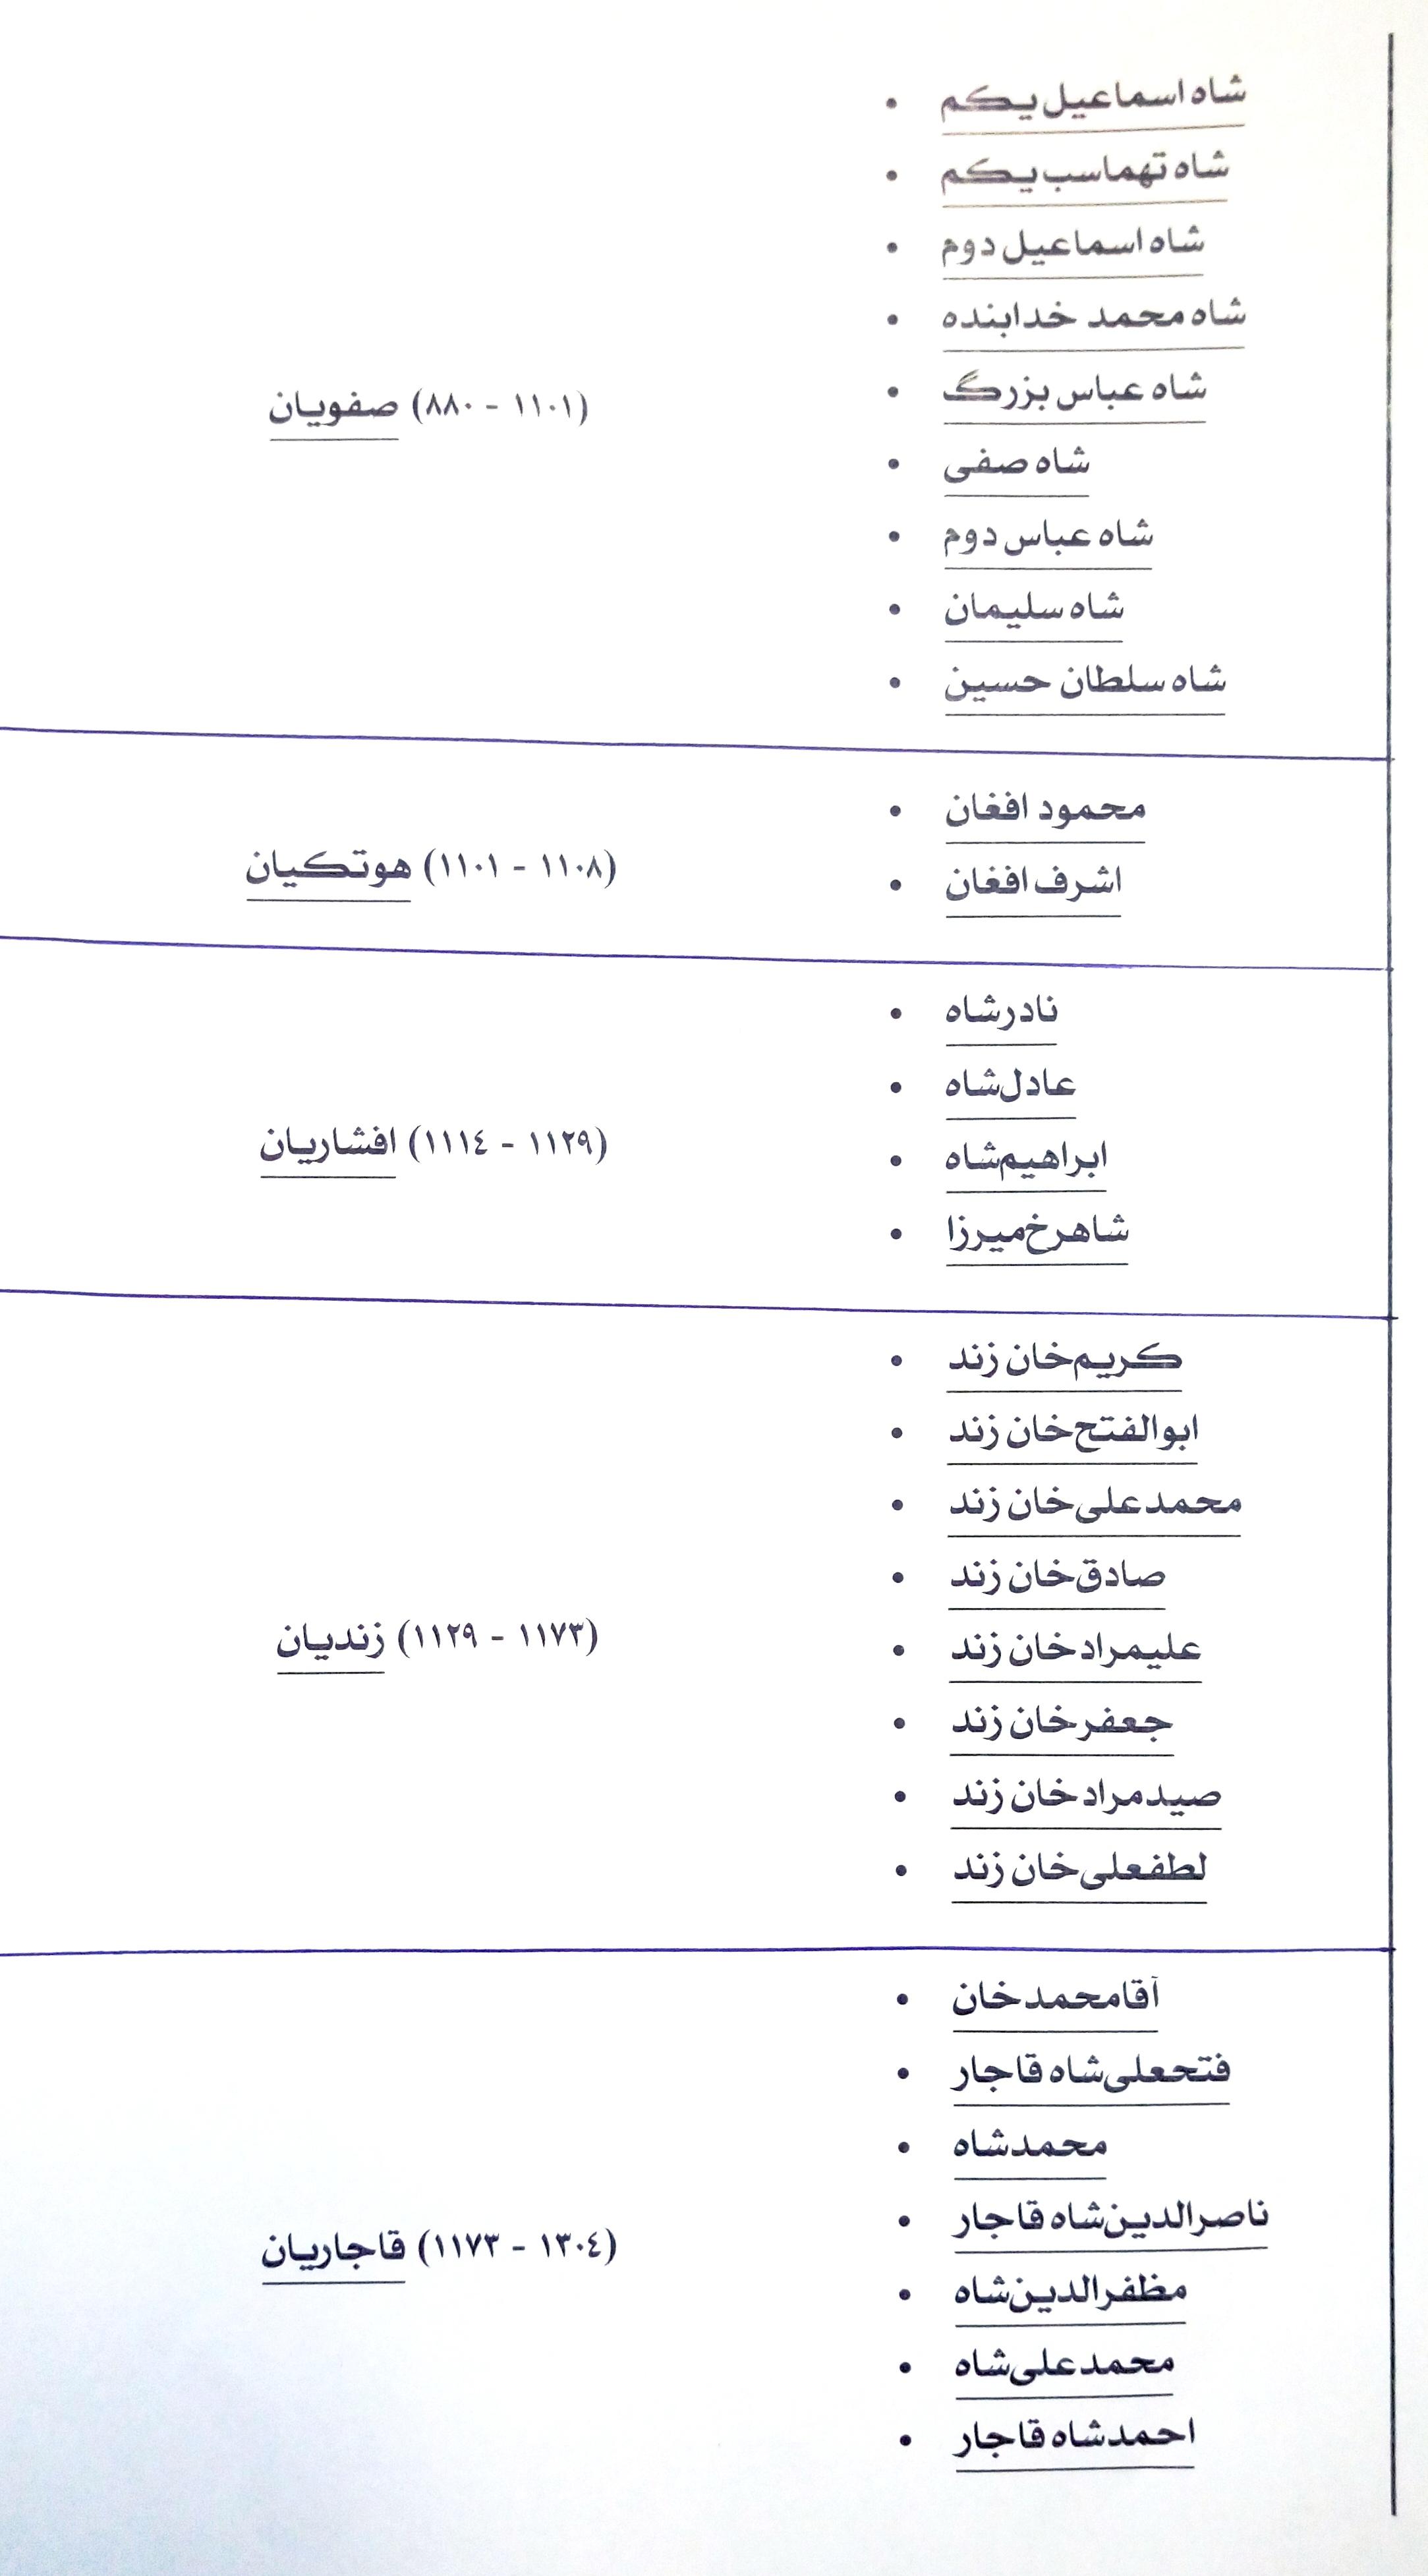 اسامی پاداشاهان معاصر ایران